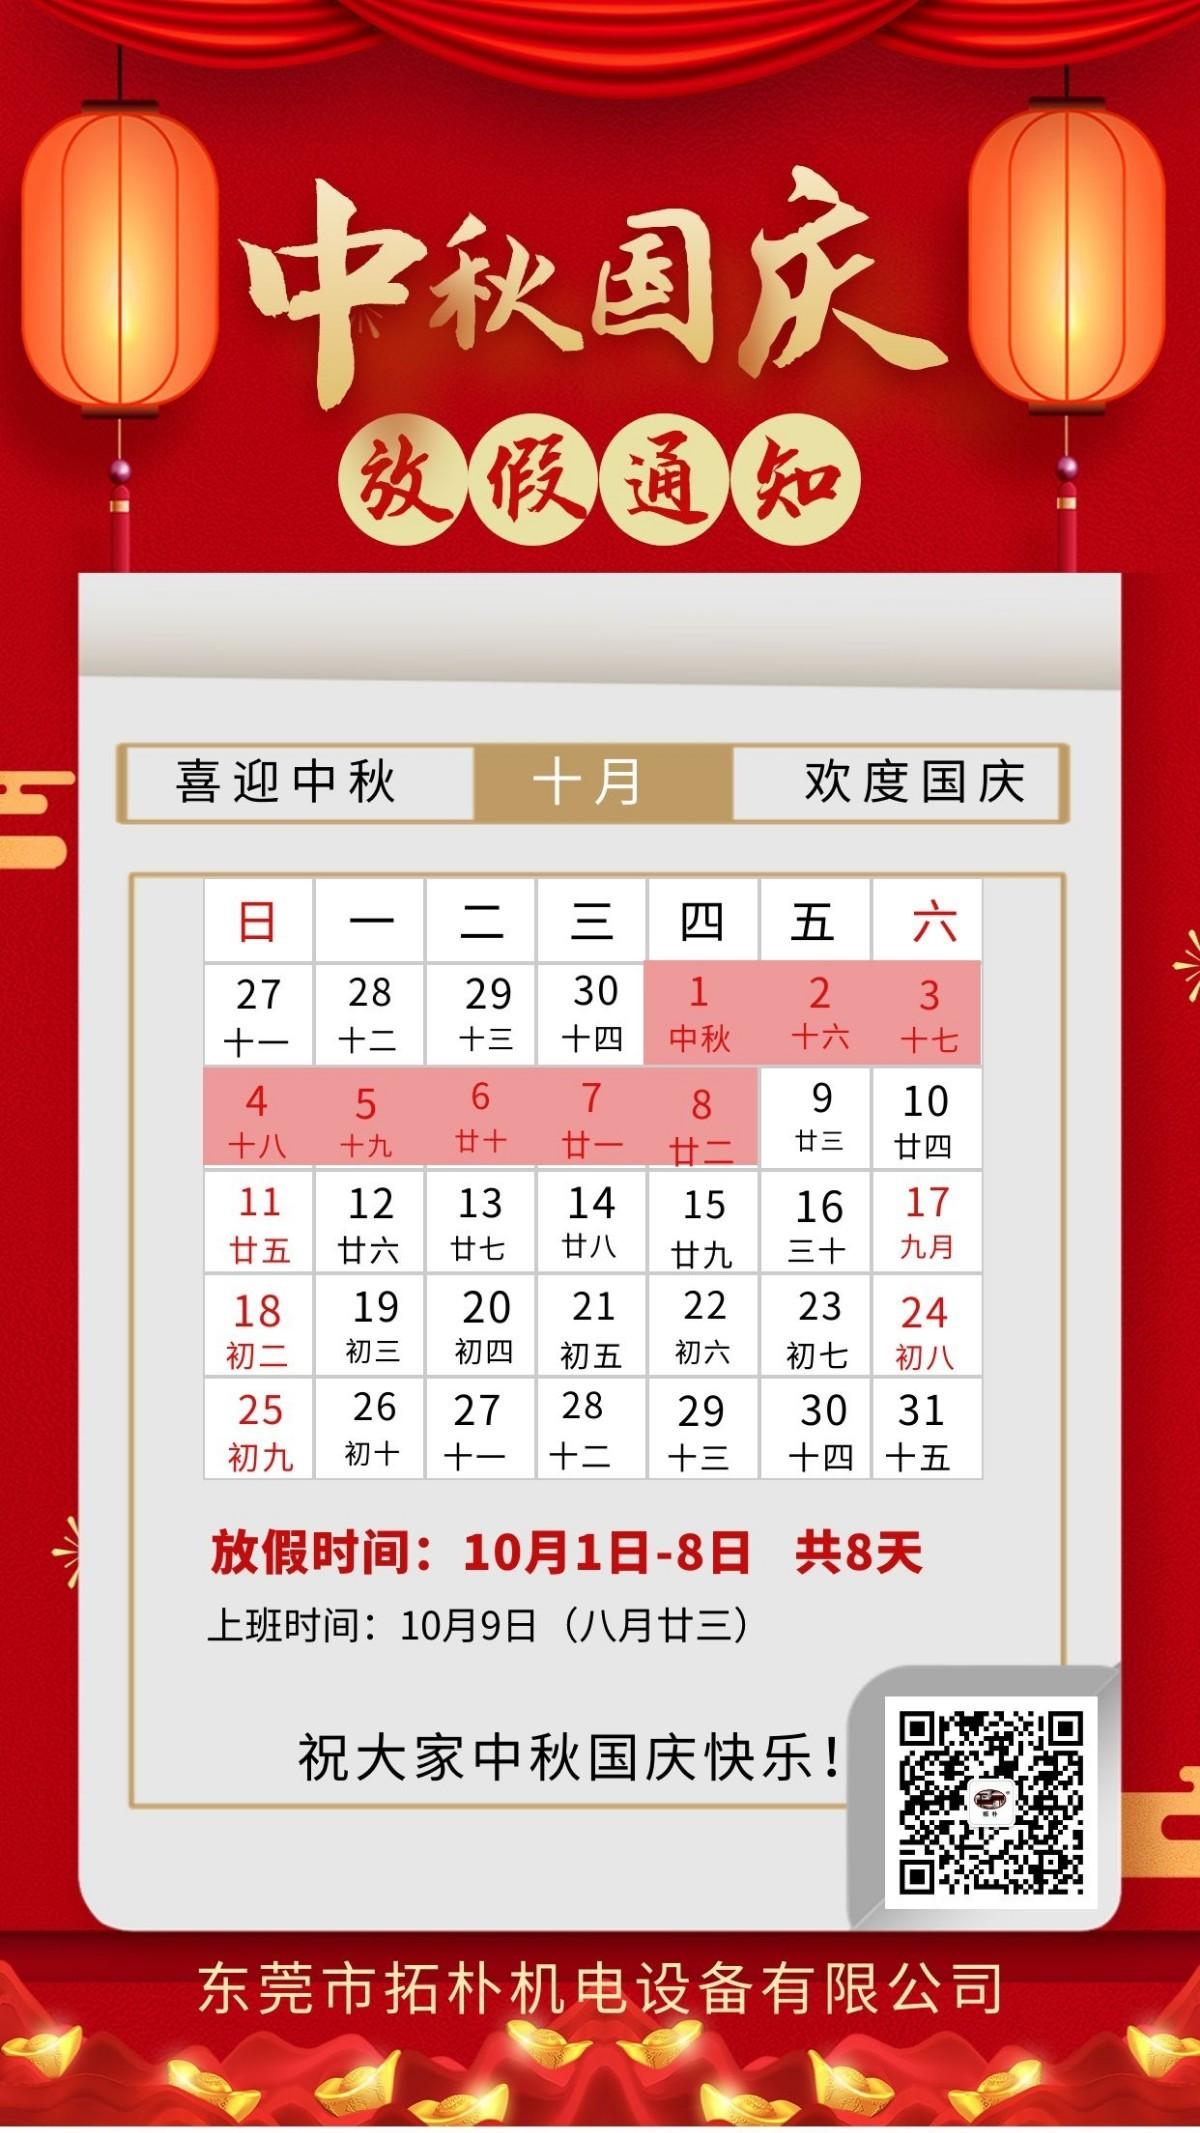 中秋国庆放假通知.jpg